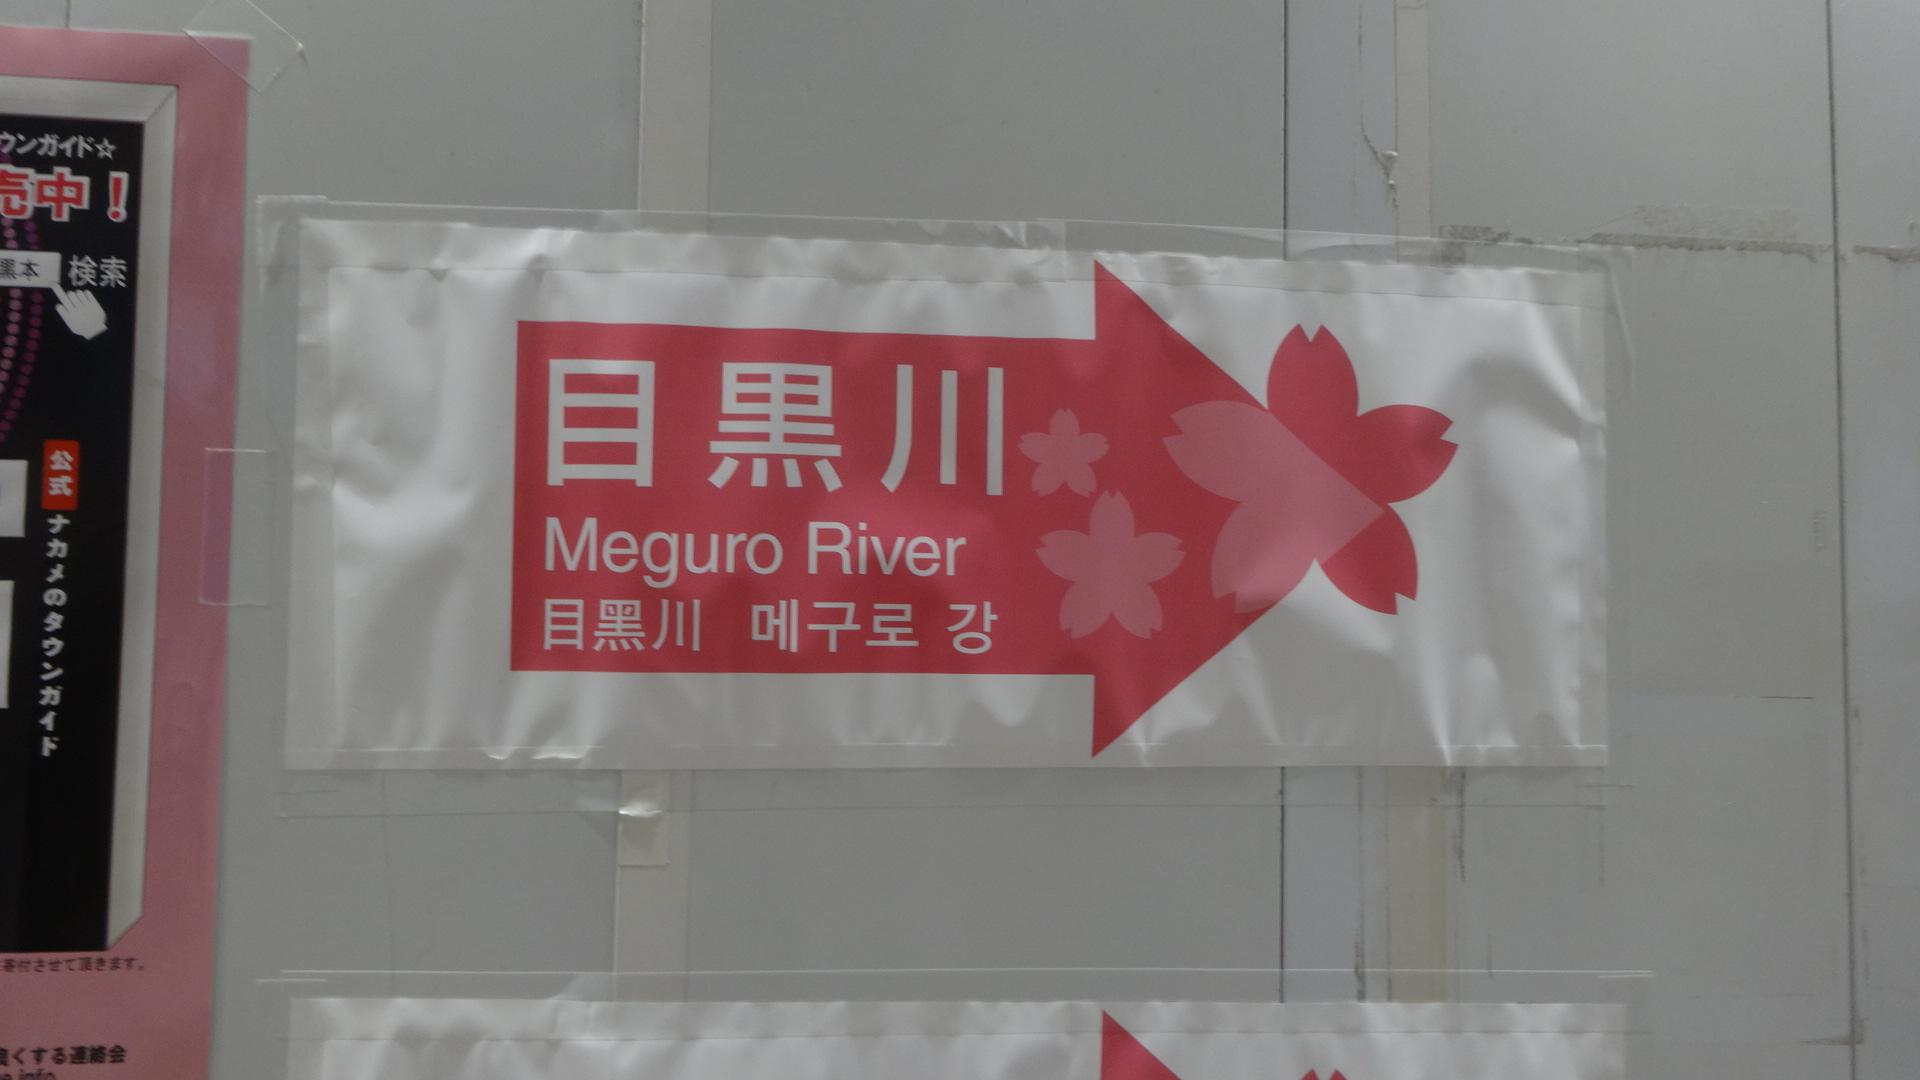 目黒川方面を案内する掲示板